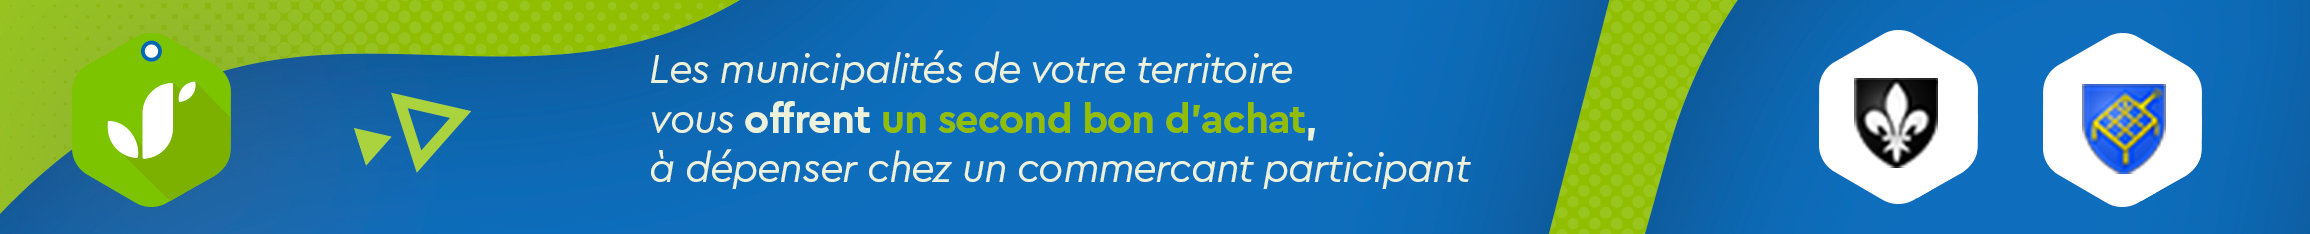 Publicité Jachete